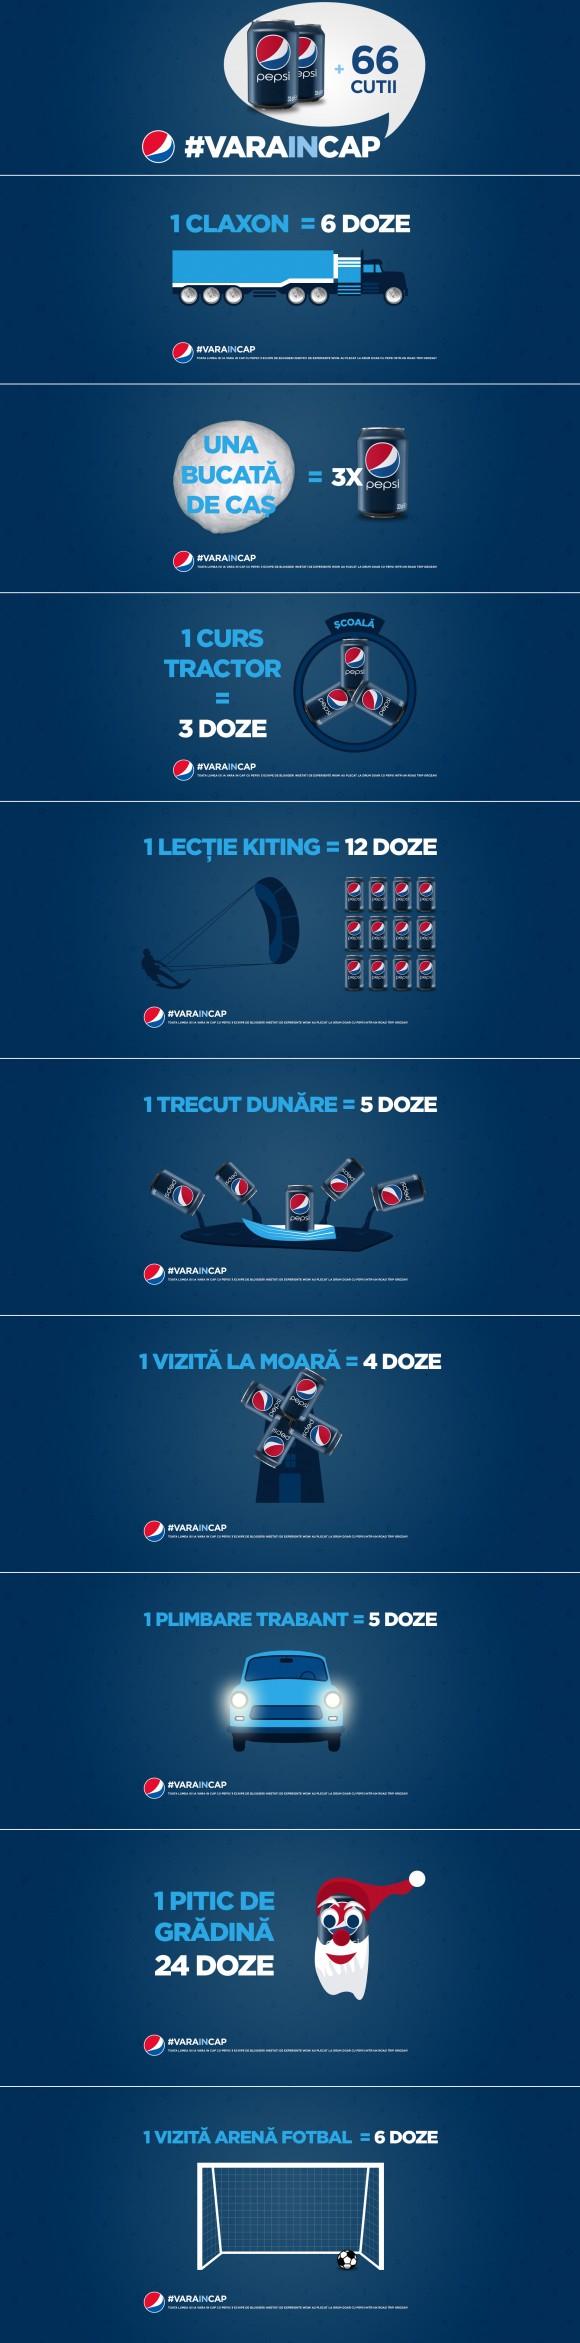 infographic ia-ti vara-n cap_v1